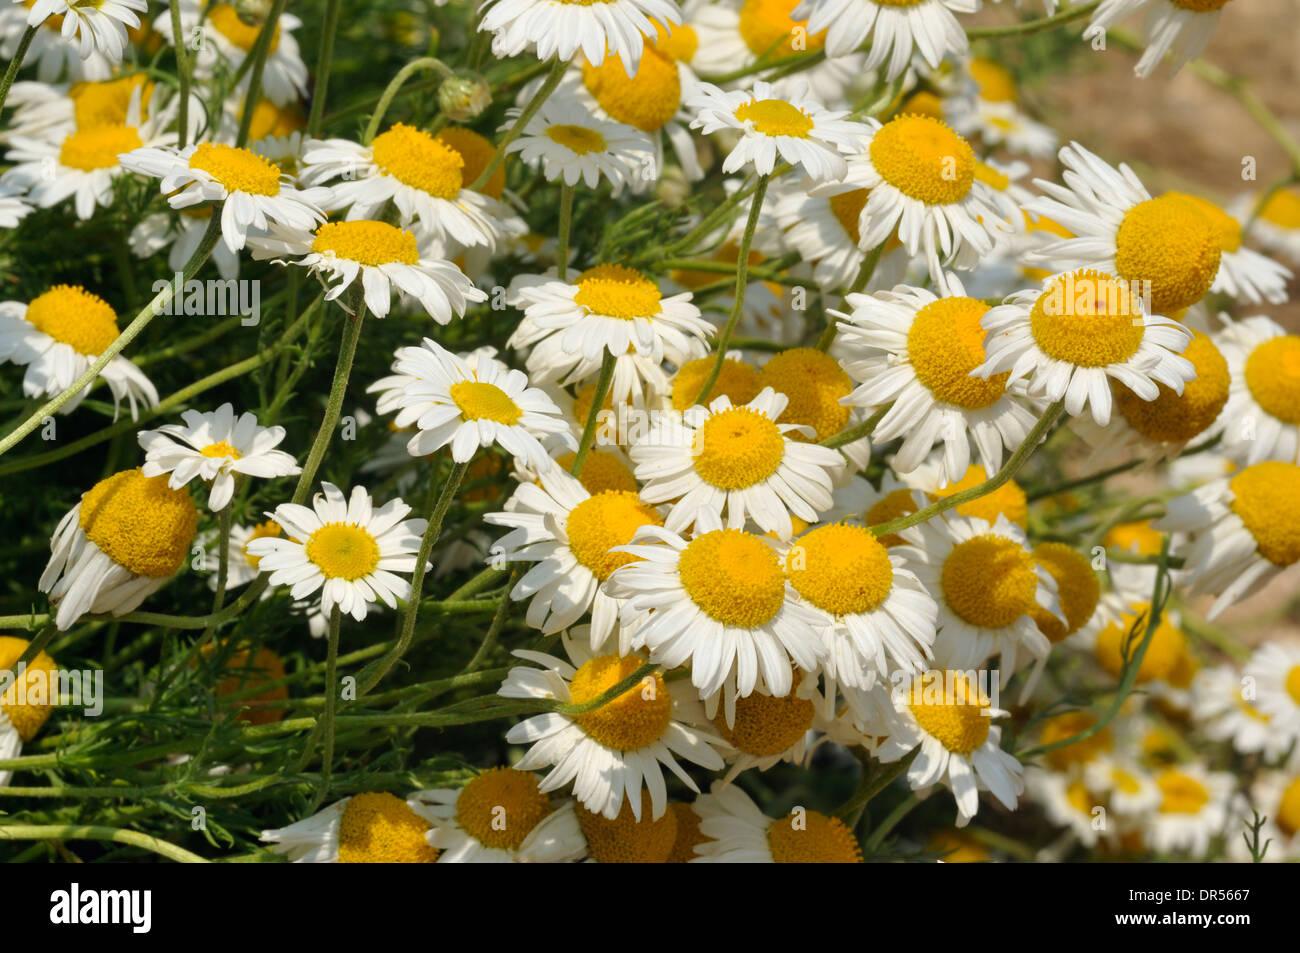 Chamomile chamaemelum nobile group of white daisy like flowers chamomile chamaemelum nobile group of white daisy like flowers izmirmasajfo Images